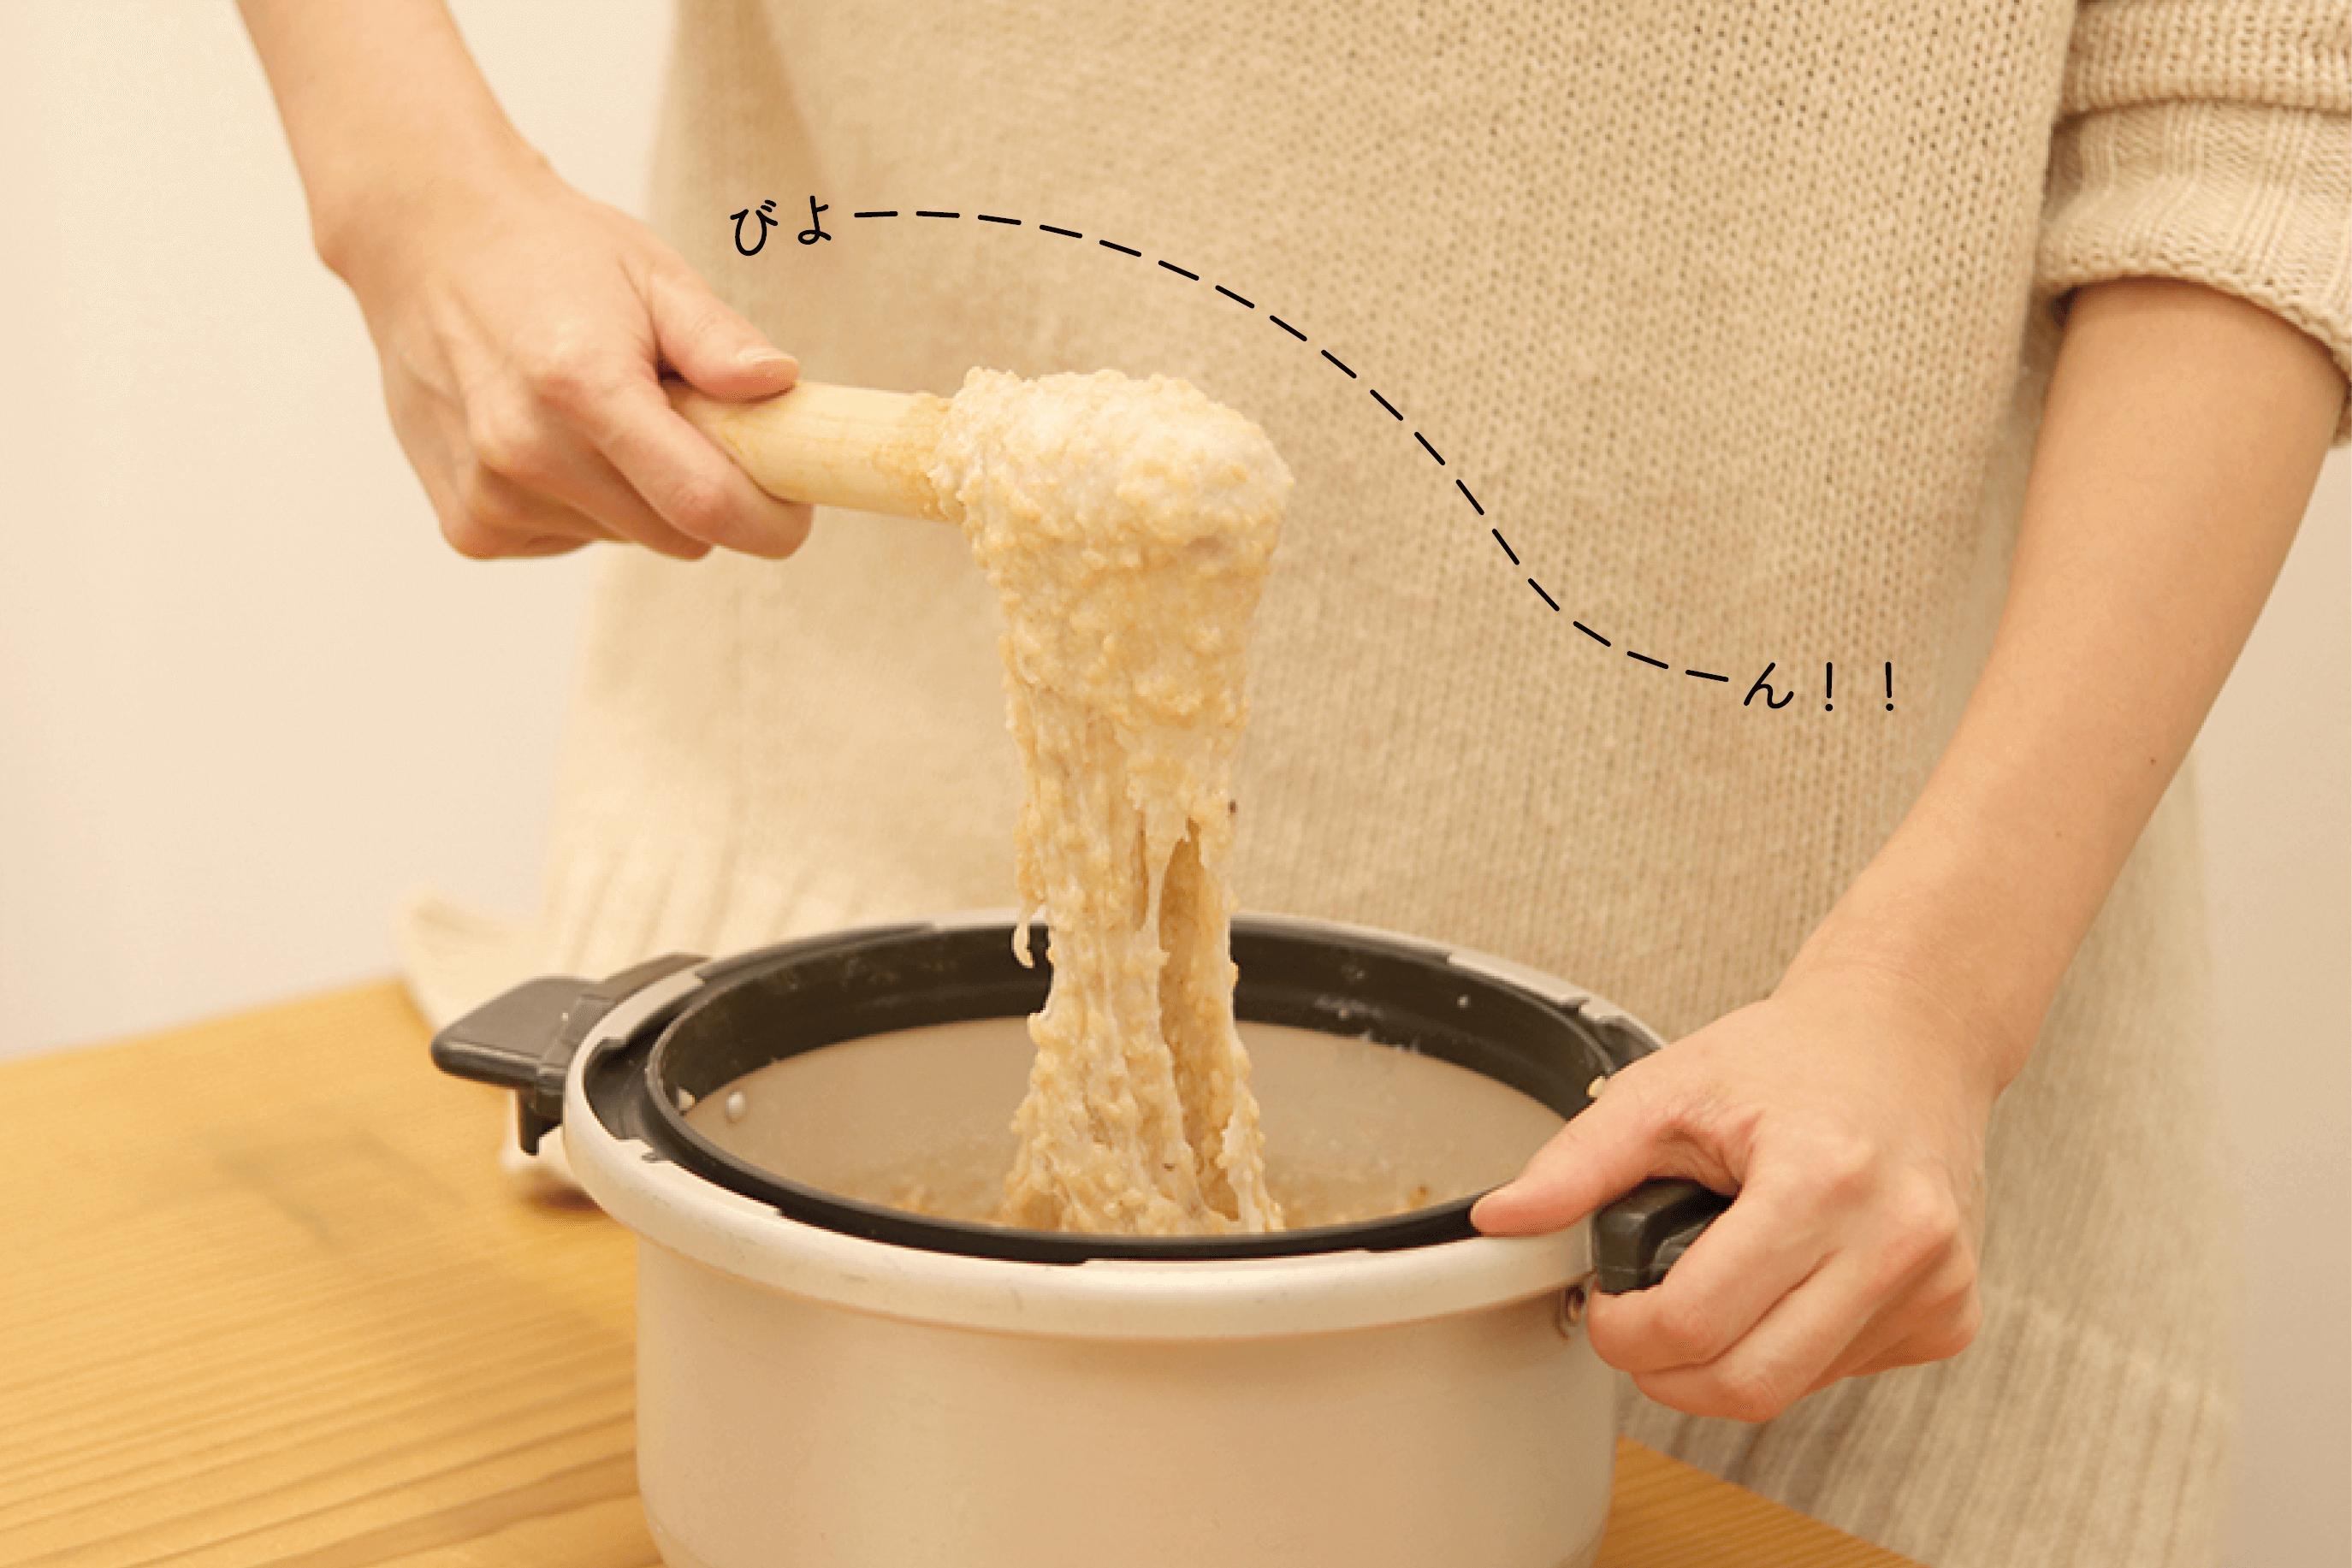 お正月は玄米餅に挑戦!「マンゲツモチ」で作るふわとろ玄米餅